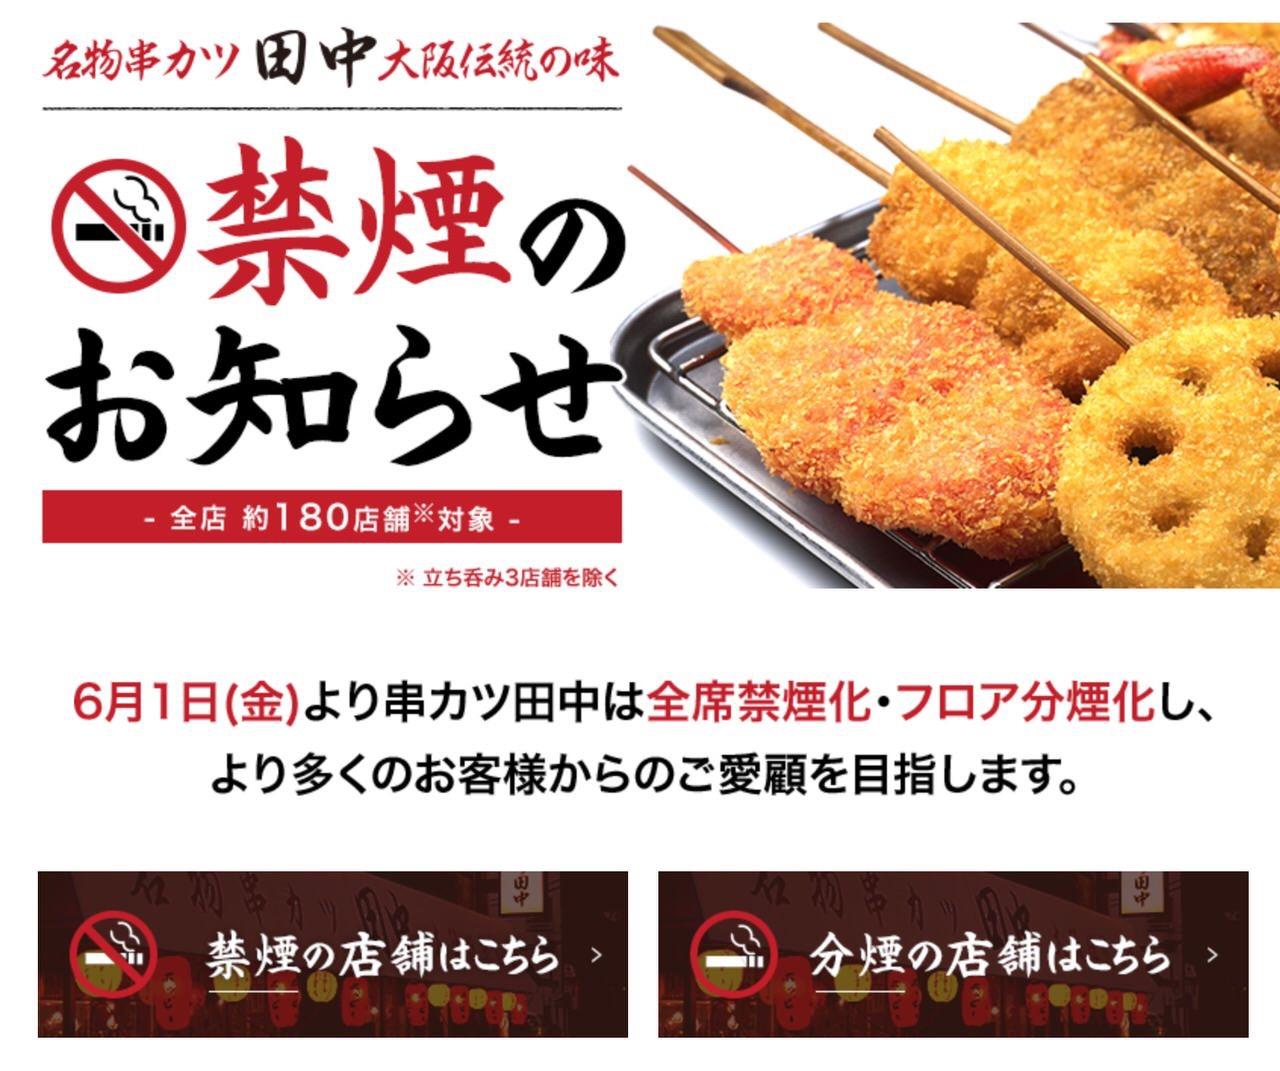 「串カツ田中」禁煙の店舗を調べる